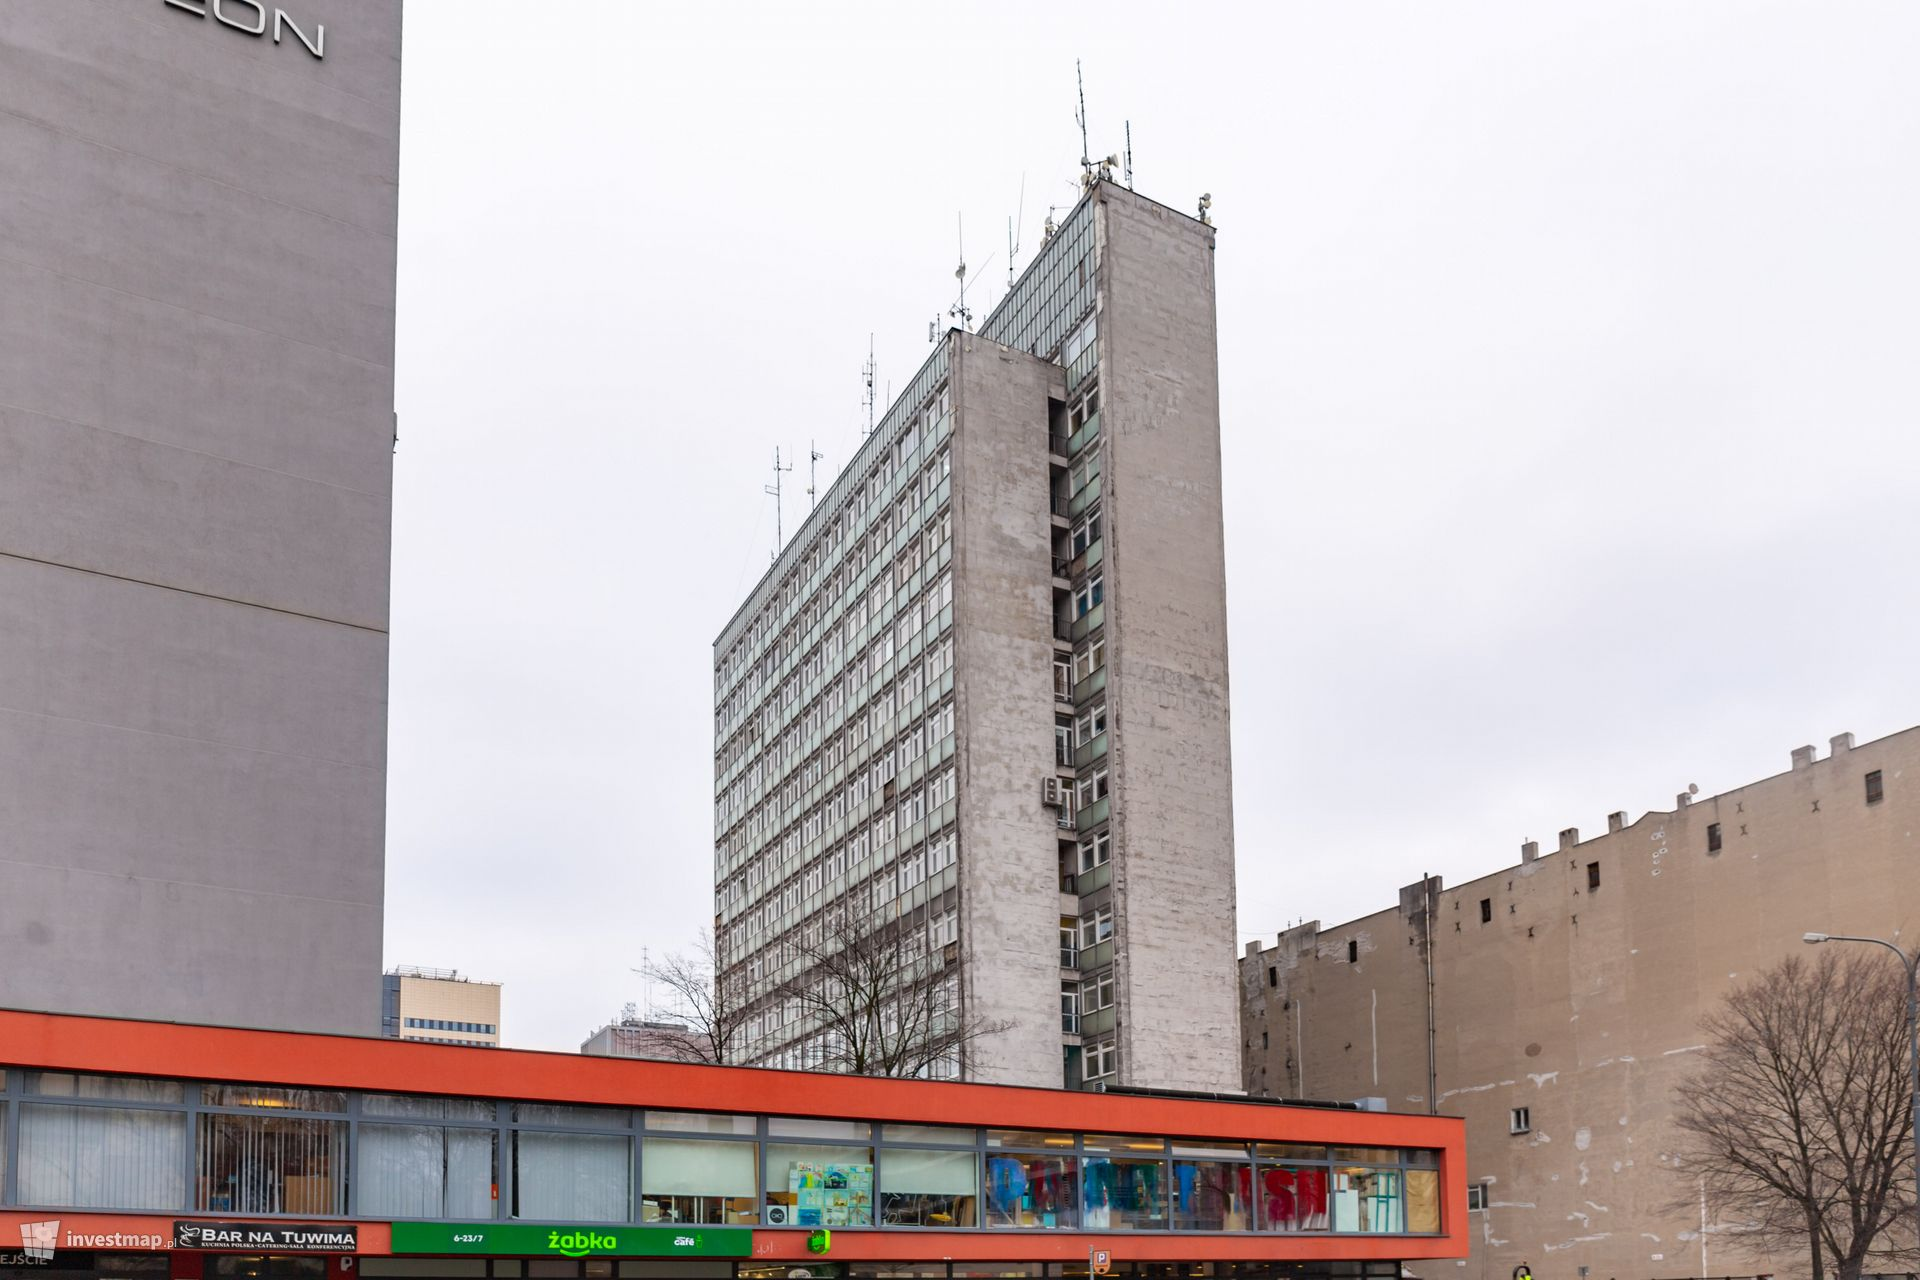 Wieżowiec PKP SA w Łodzi (Żyleta)